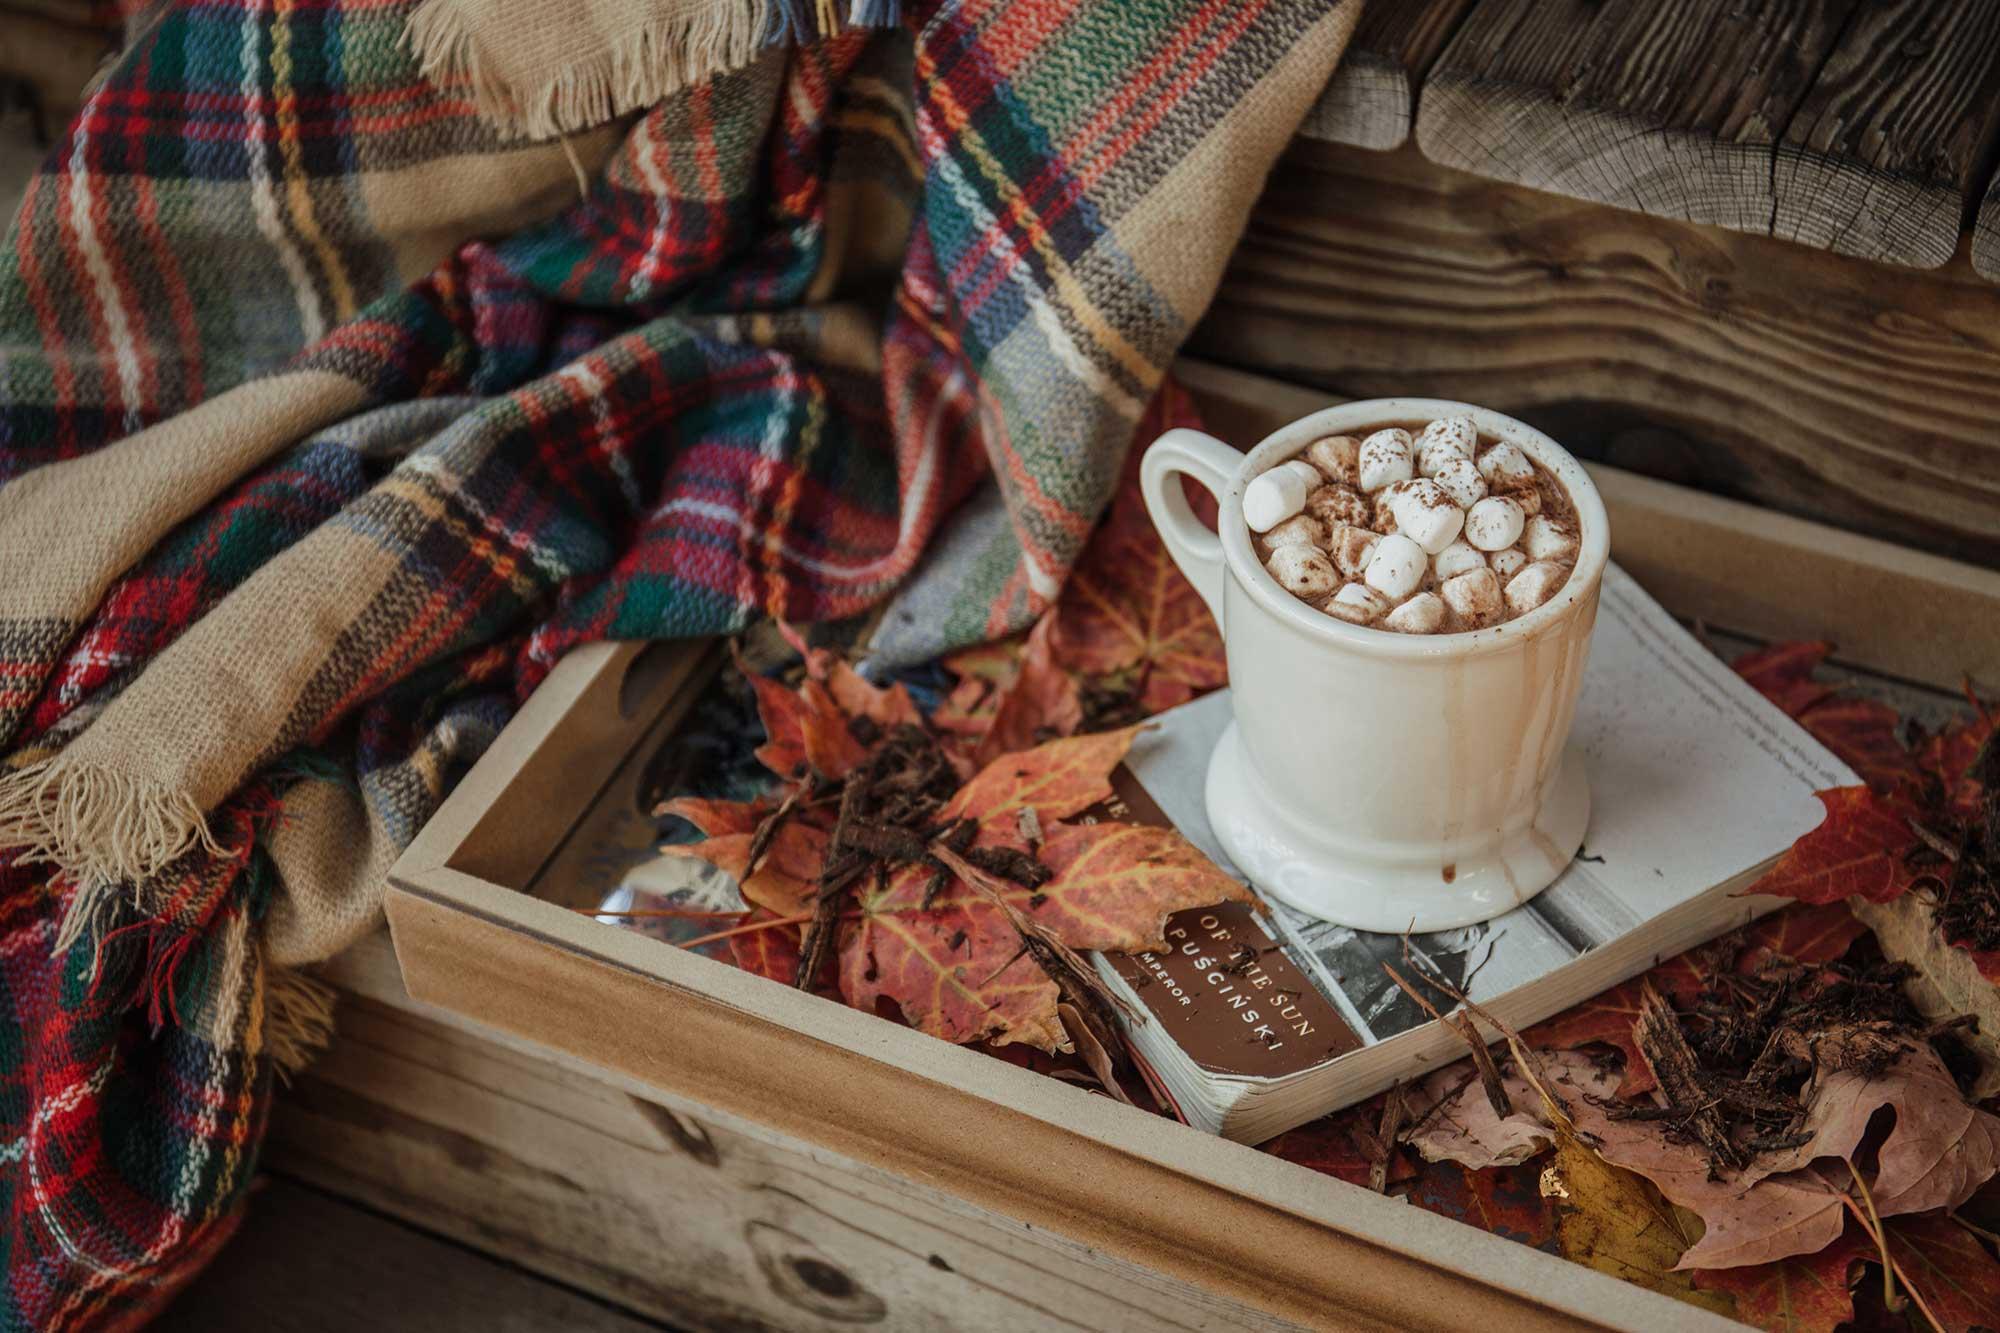 Tasse de chocolat chaud avec couverture et livre